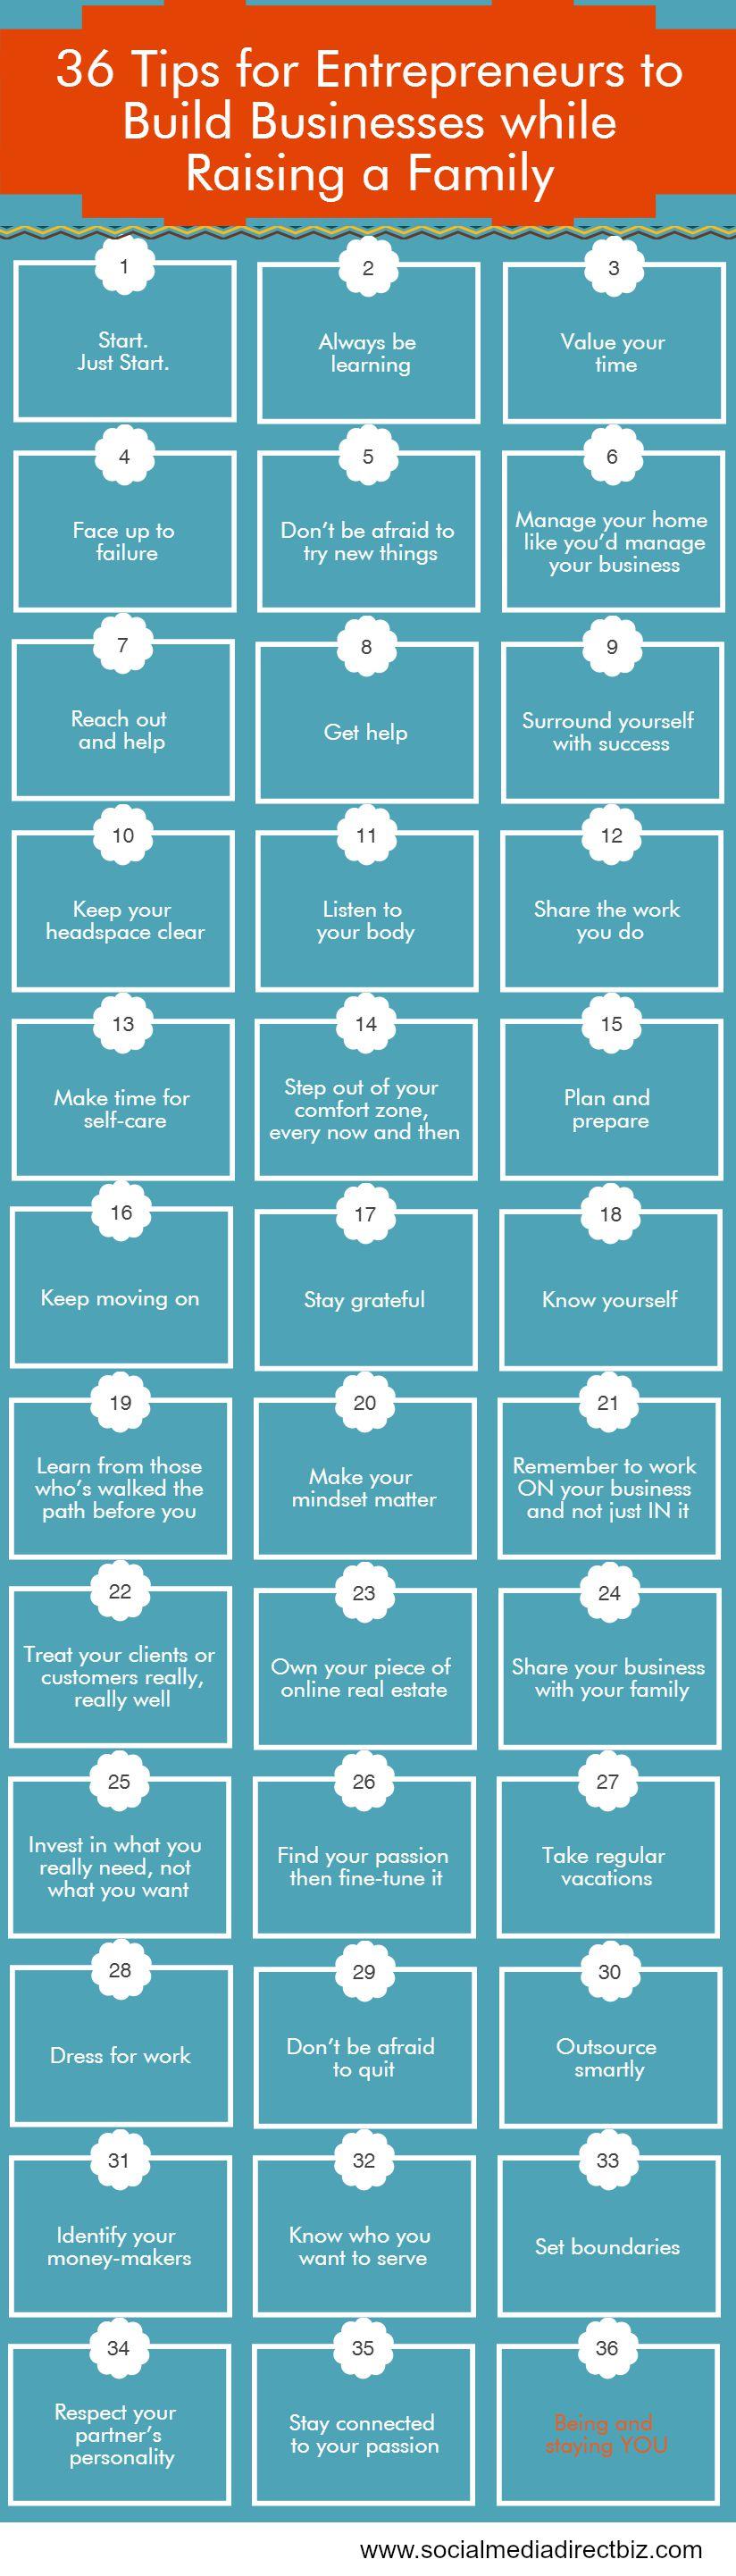 36 Tips for Entrepreneurs